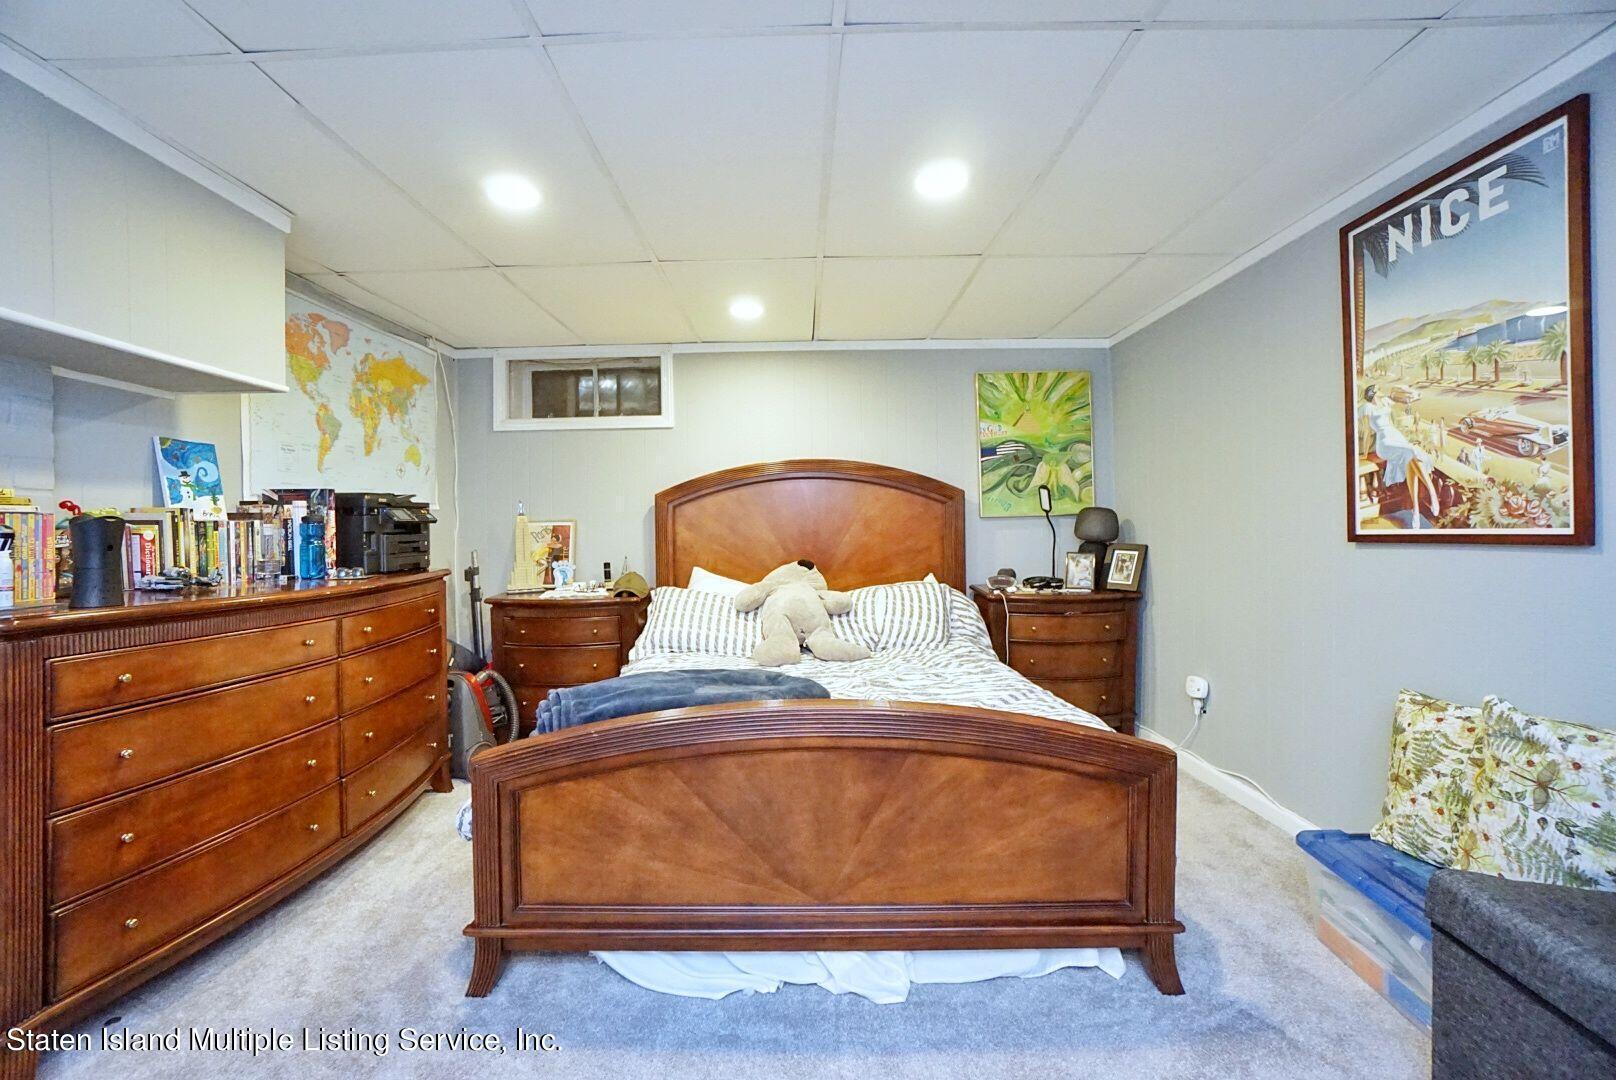 Single Family - Detached 29 City Boulevard  Staten Island, NY 10301, MLS-1147694-35